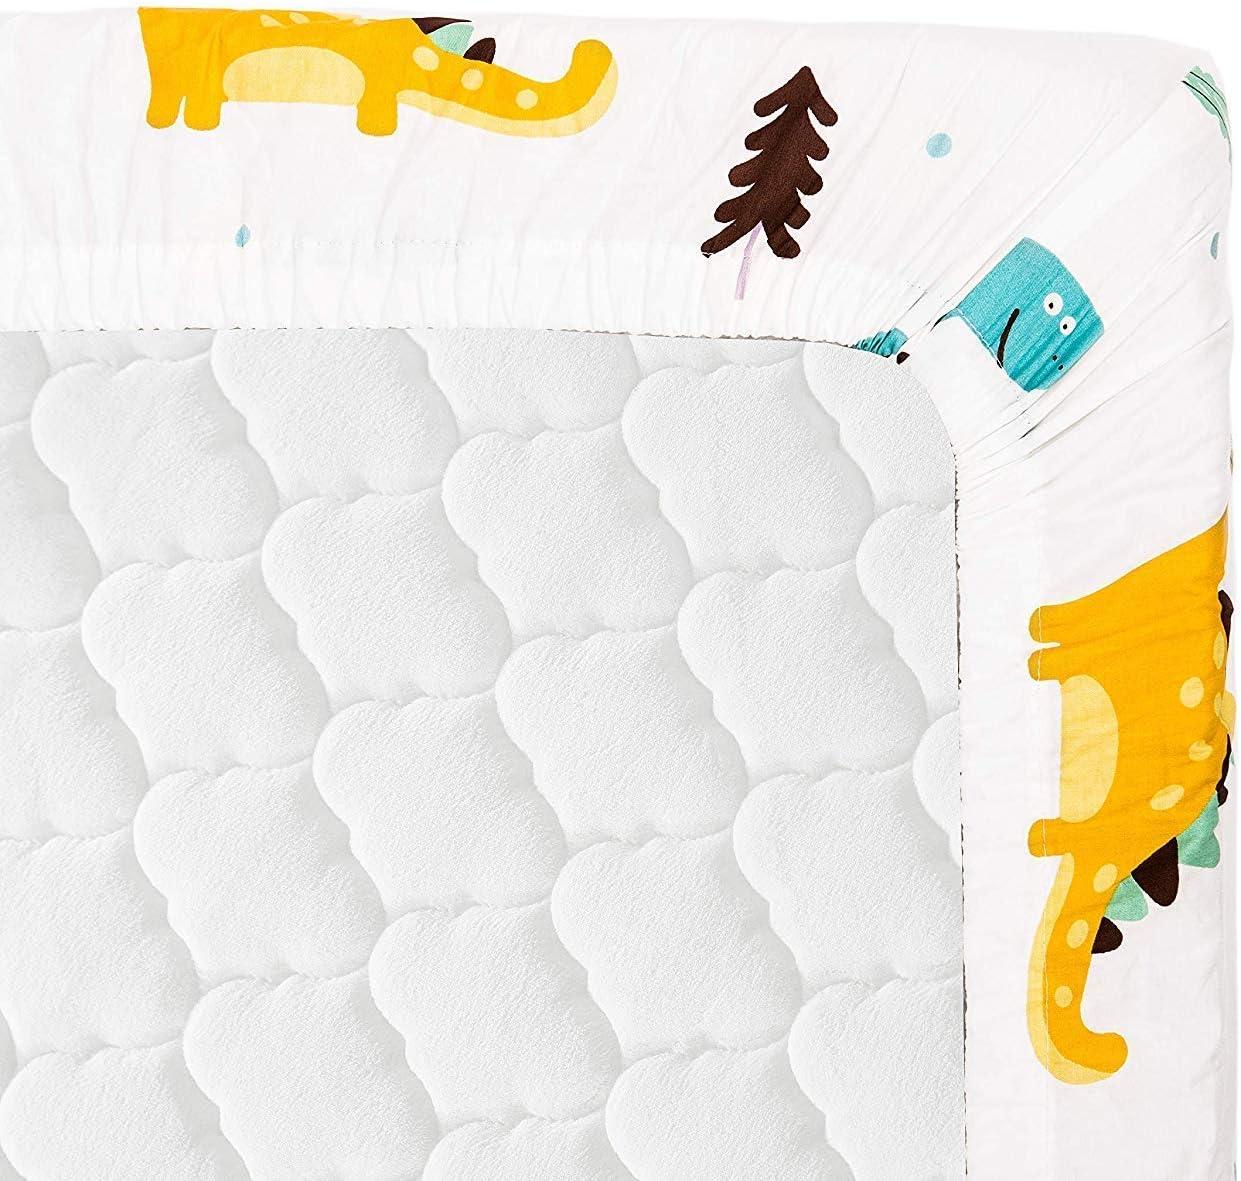 Gris La s/ábana ajustable para beb/és se adapta a la cama de 140 x 70